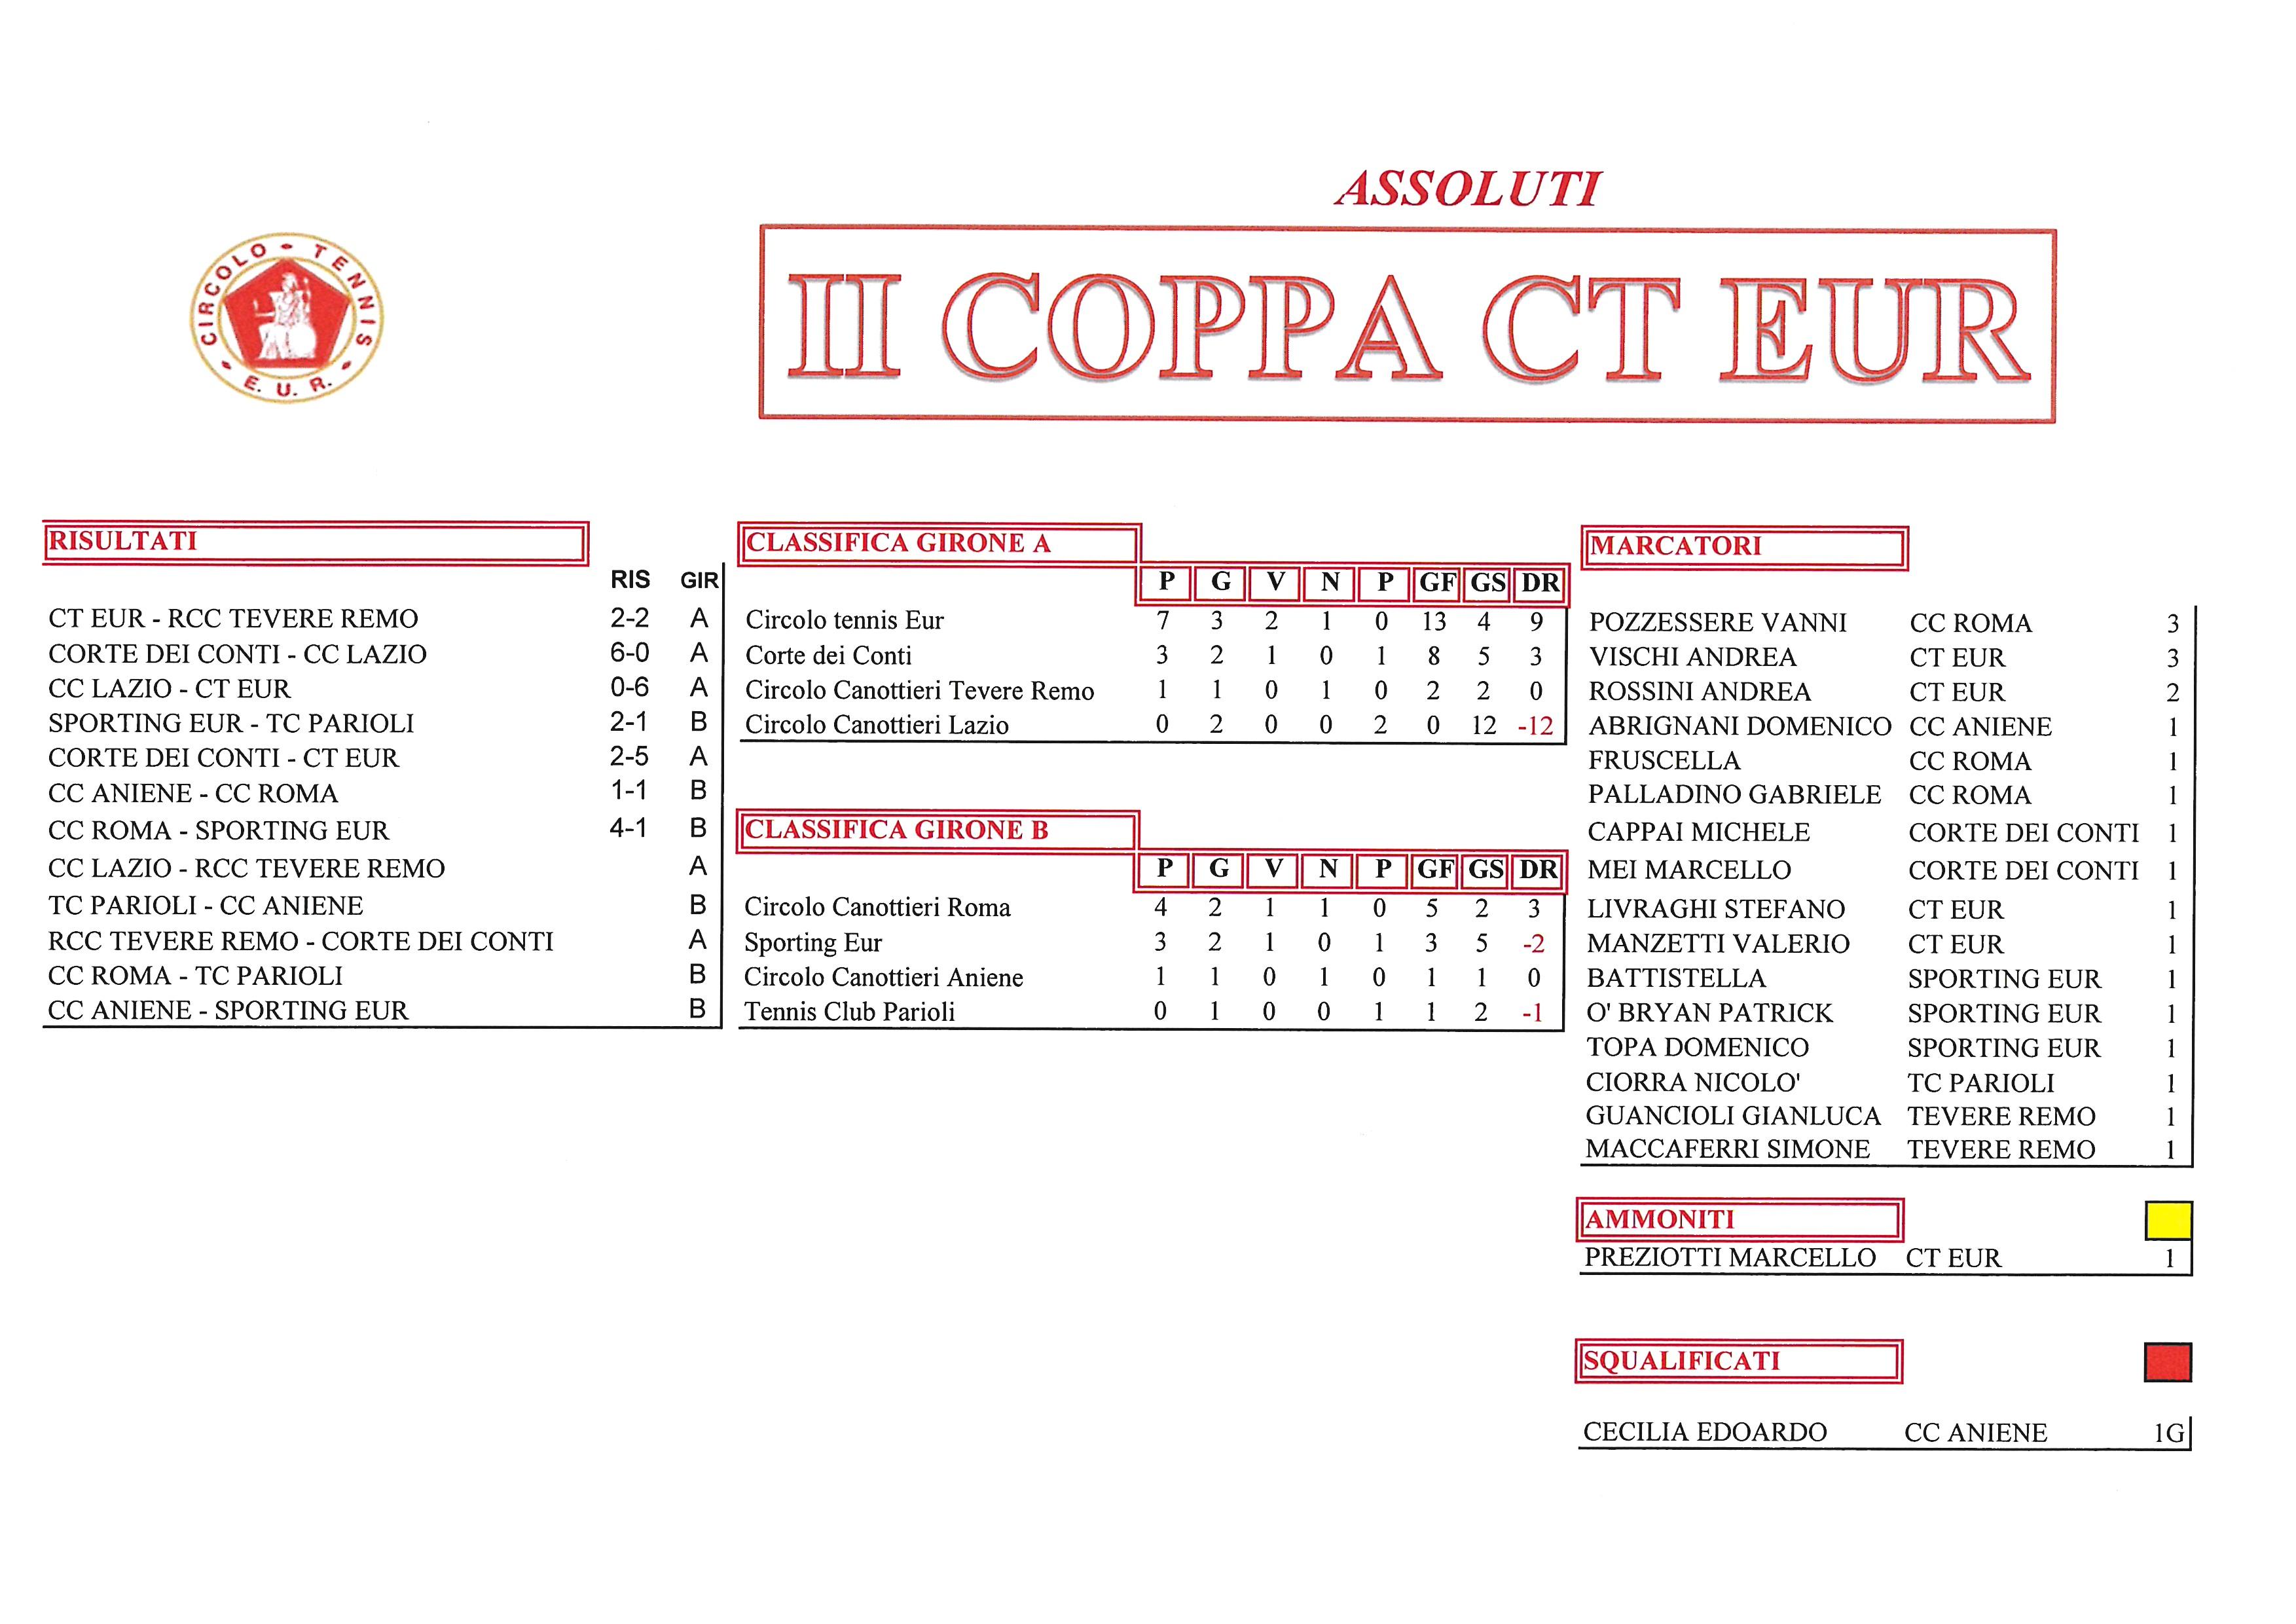 Coppa-CT-Eur-risultati-del-2-ottobre-2017-Assoluti